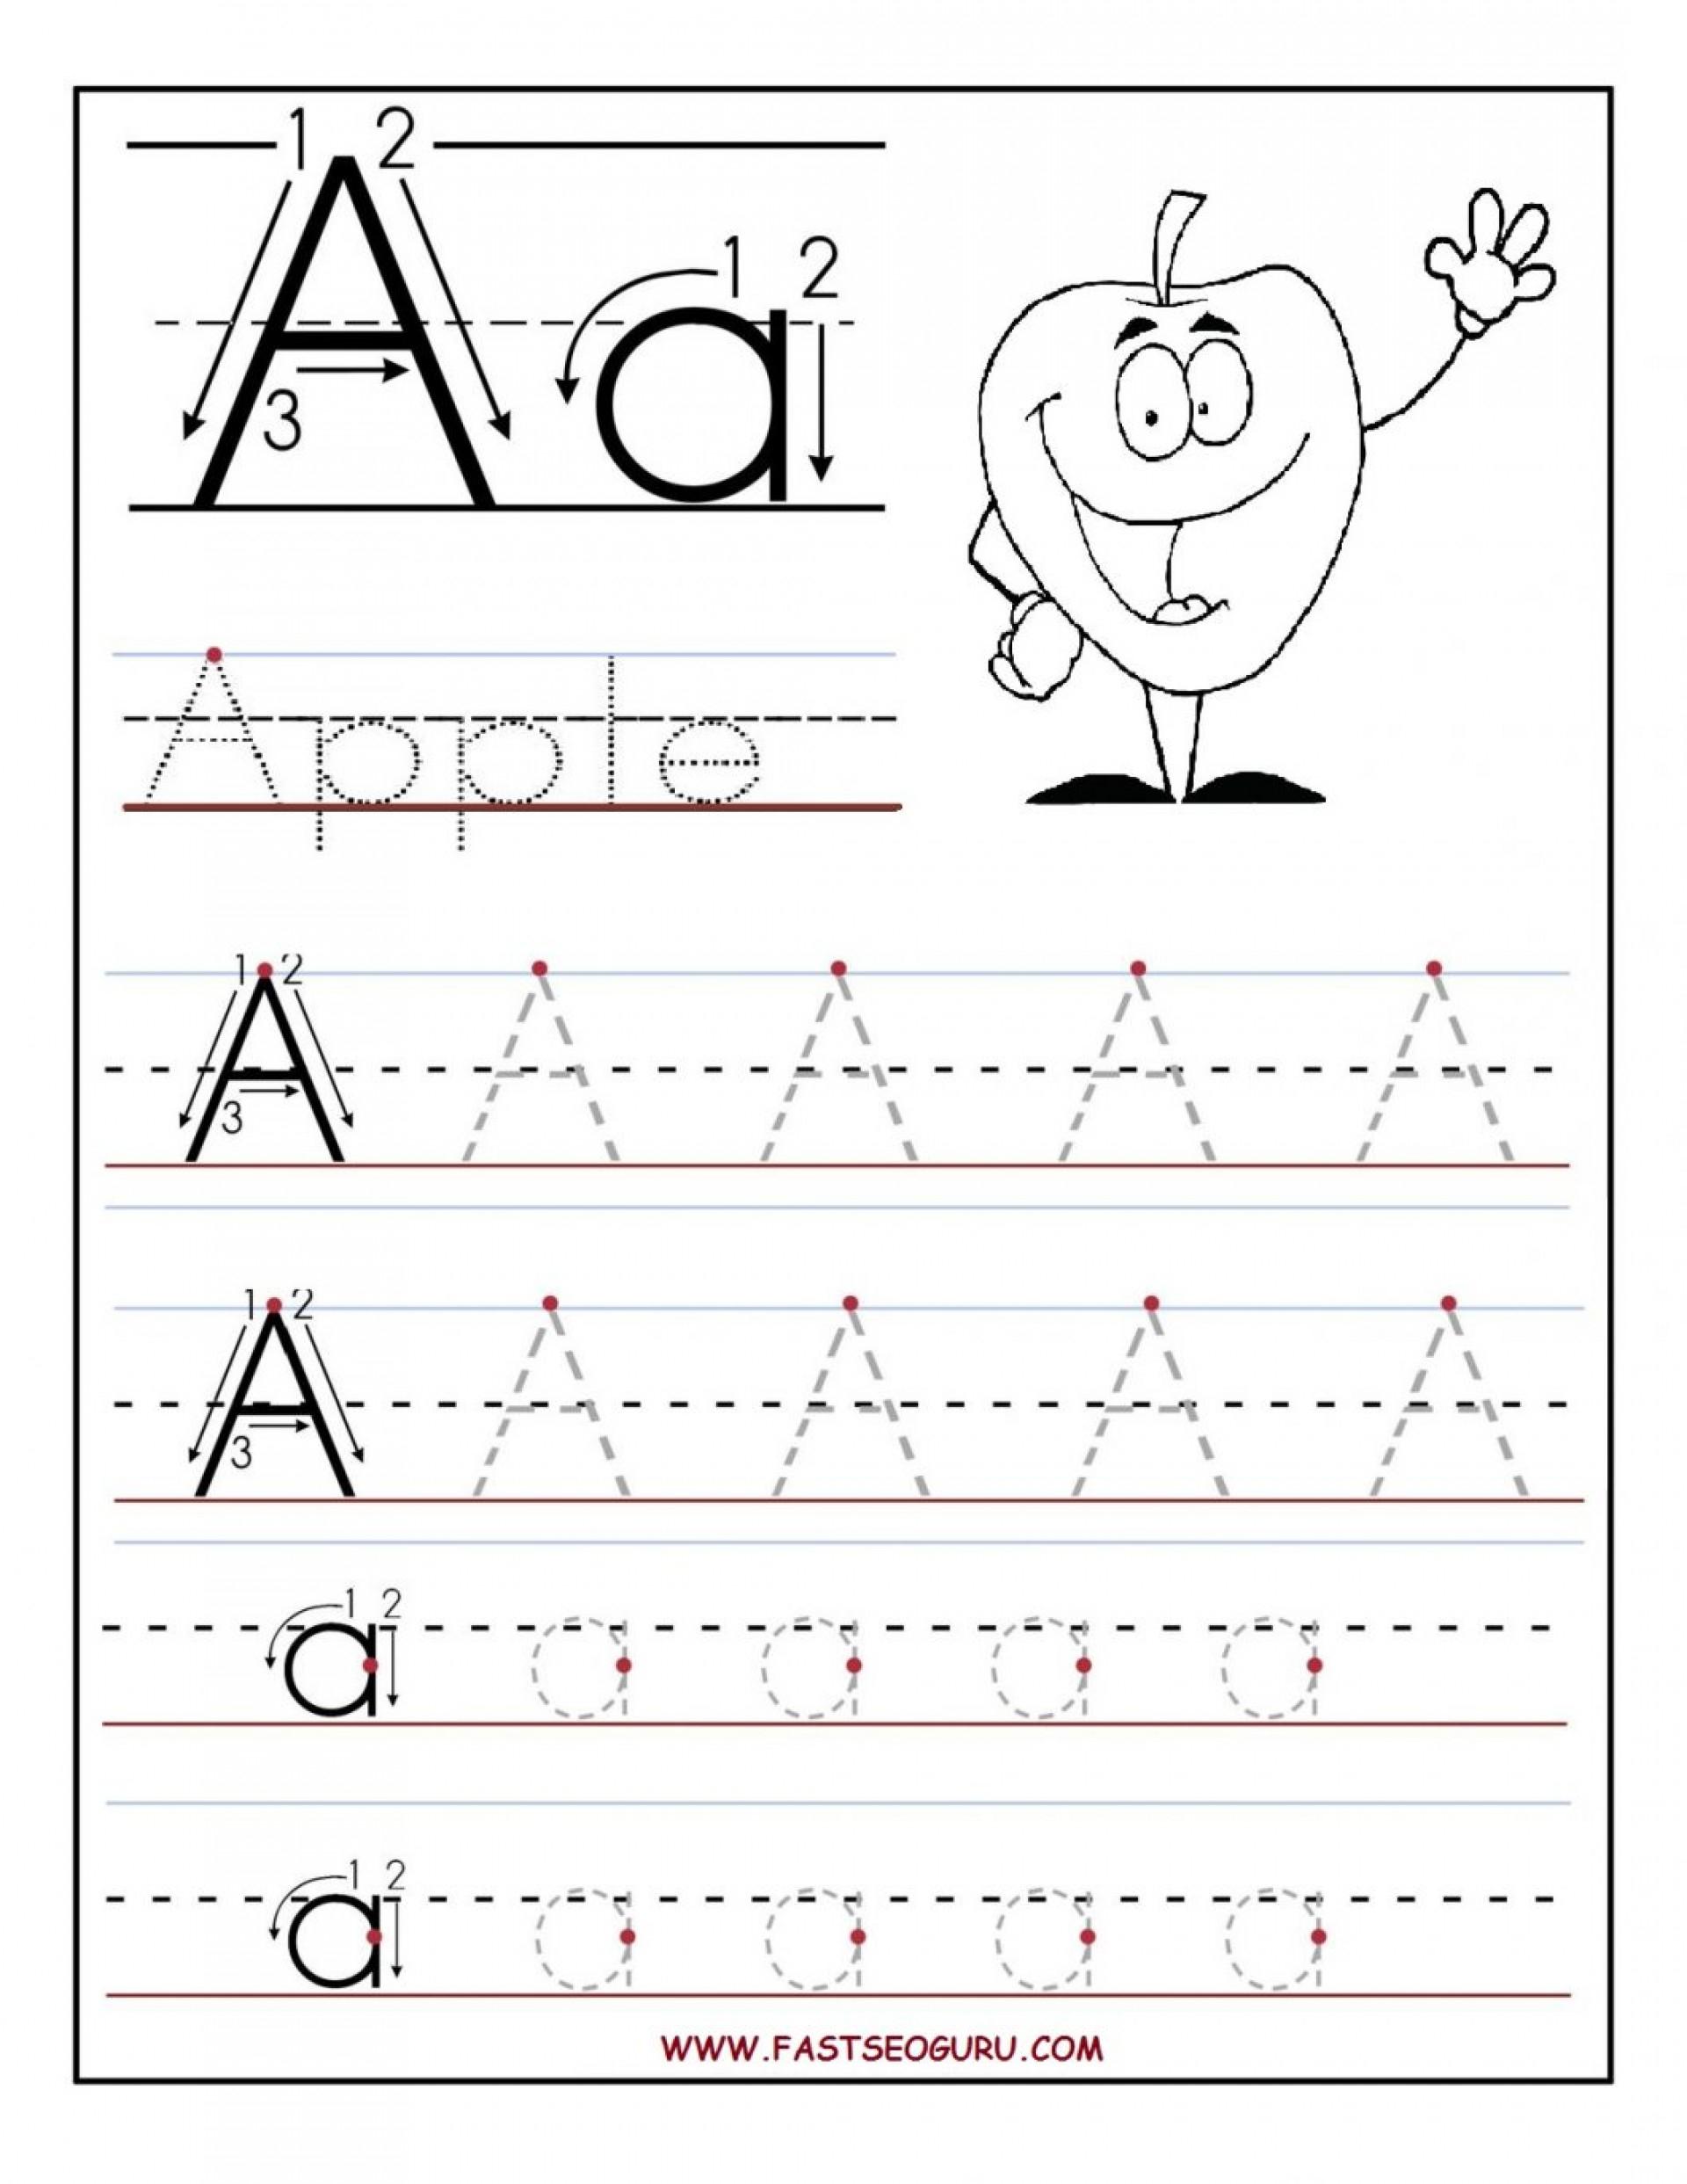 Reading Worksheets Free Printing For Kindergarten Worksheet intended for Alphabet Tracing For Kindergarten